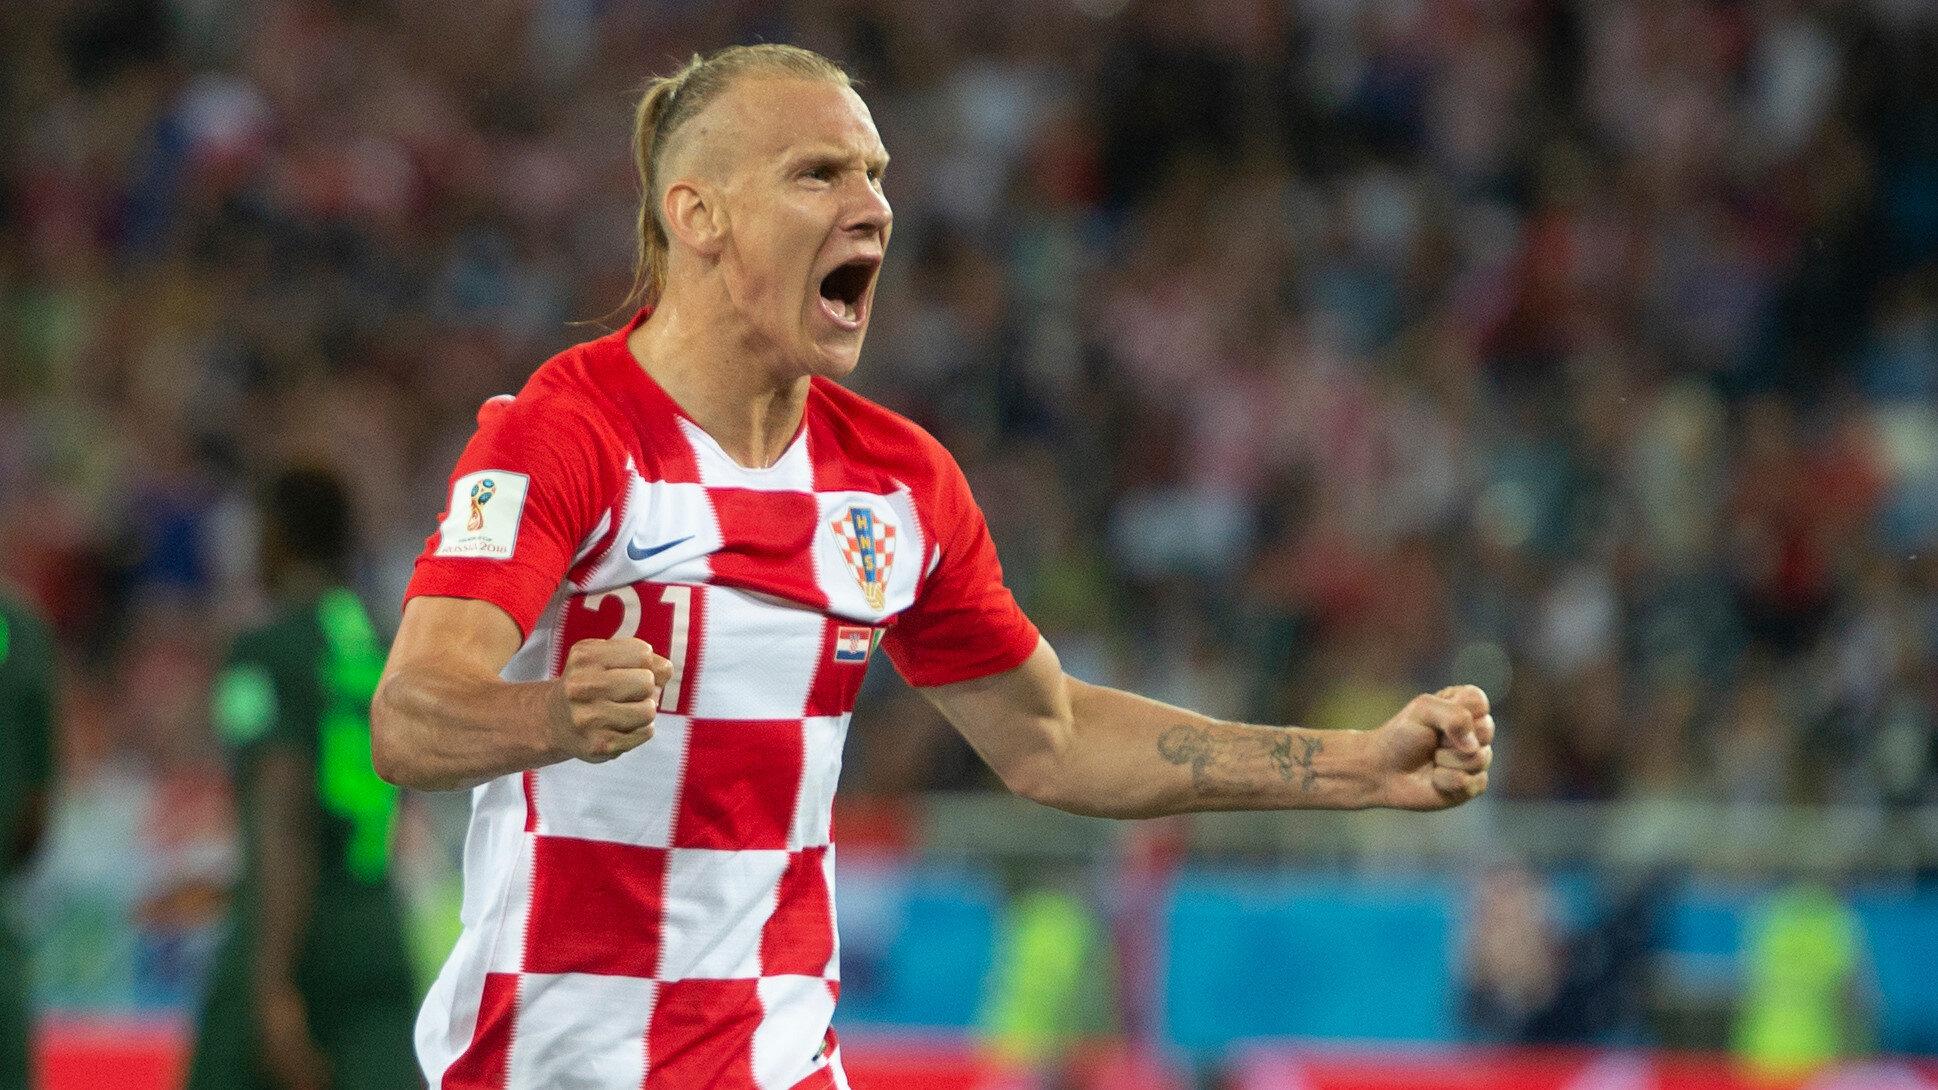 Vida Hırvatistan Milli Takımı formasıyla 69 maça çıktı.